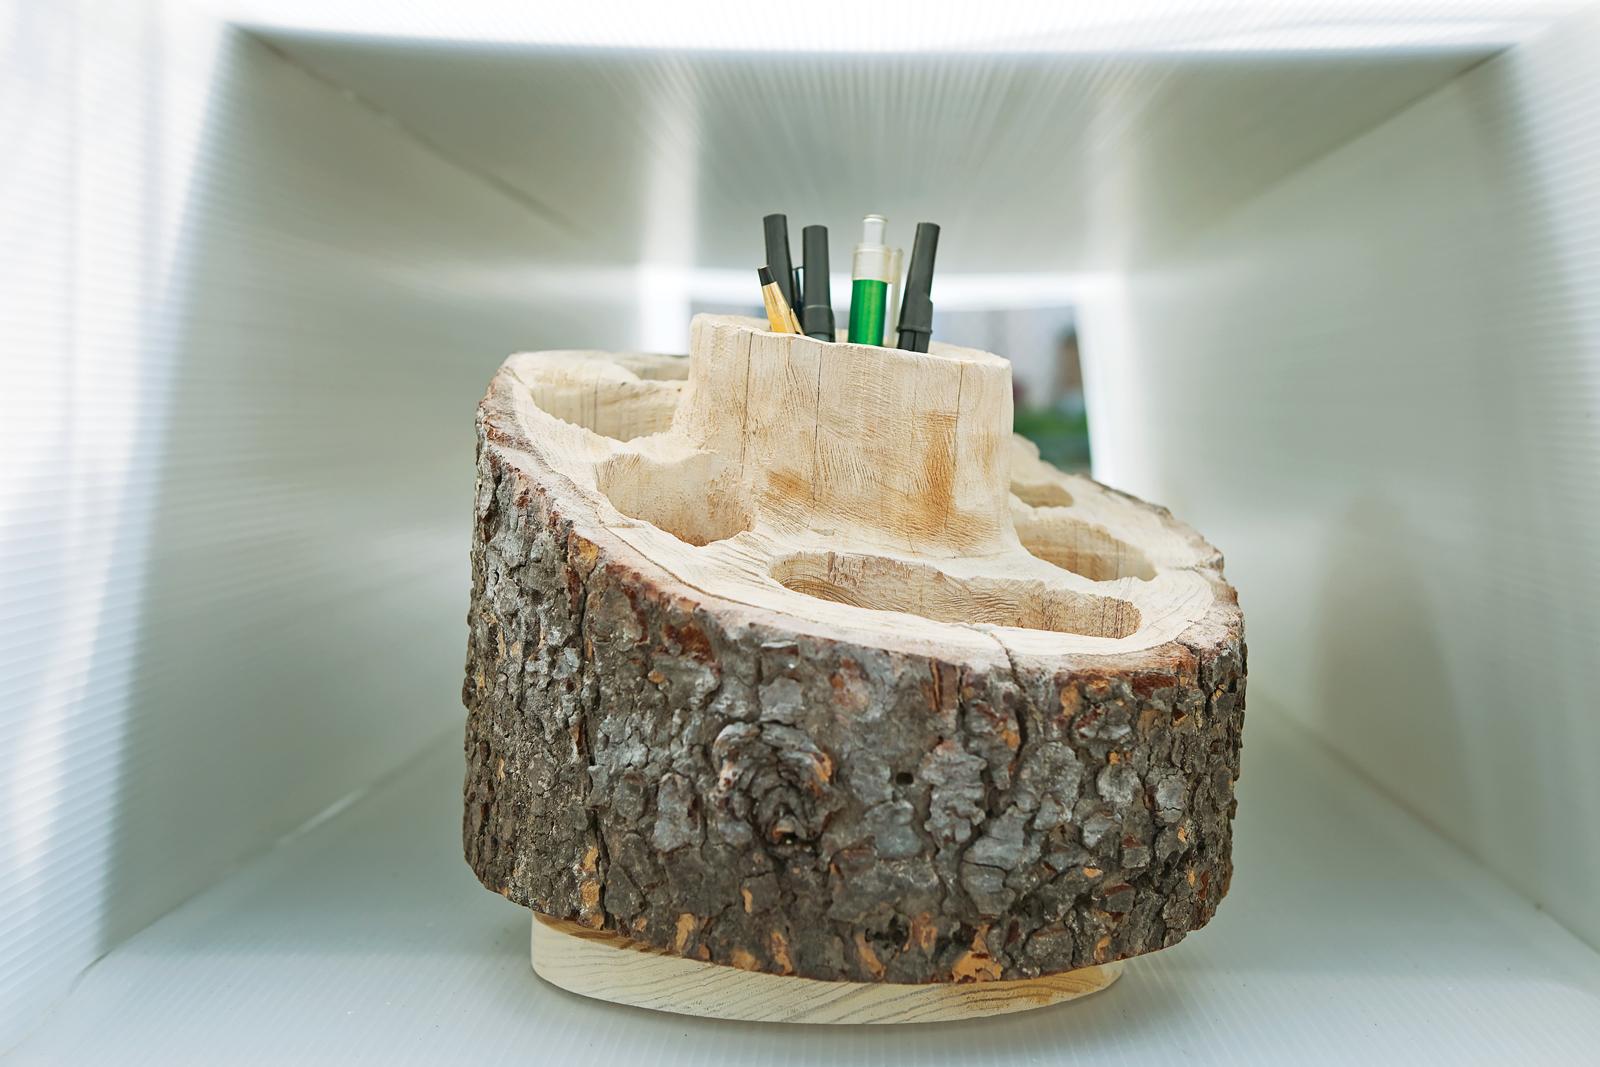 Log Desk Organizer by Aaron Linn